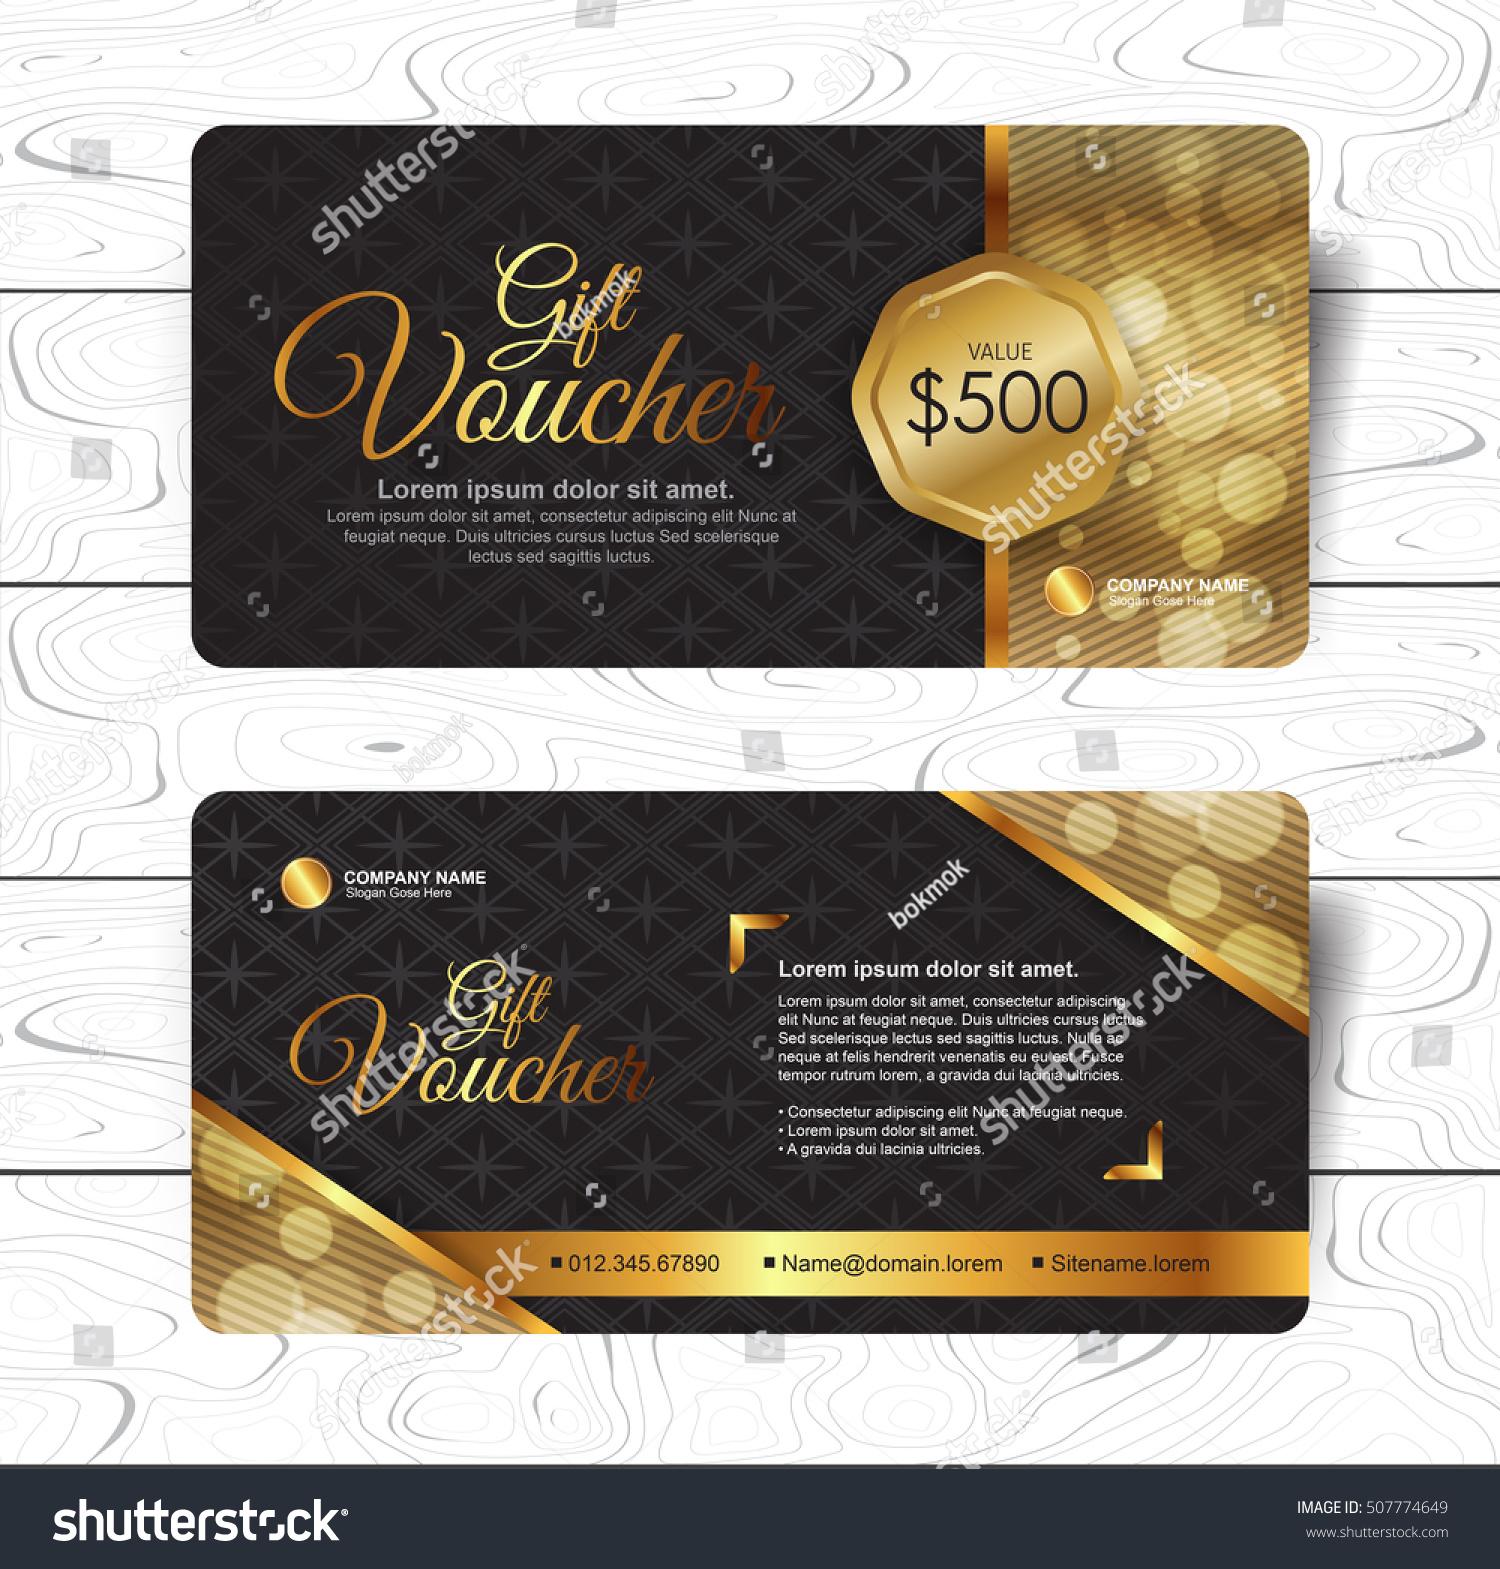 Gift Voucher Template Luxury Patternrestaurant Voucher – Lunch Voucher Template